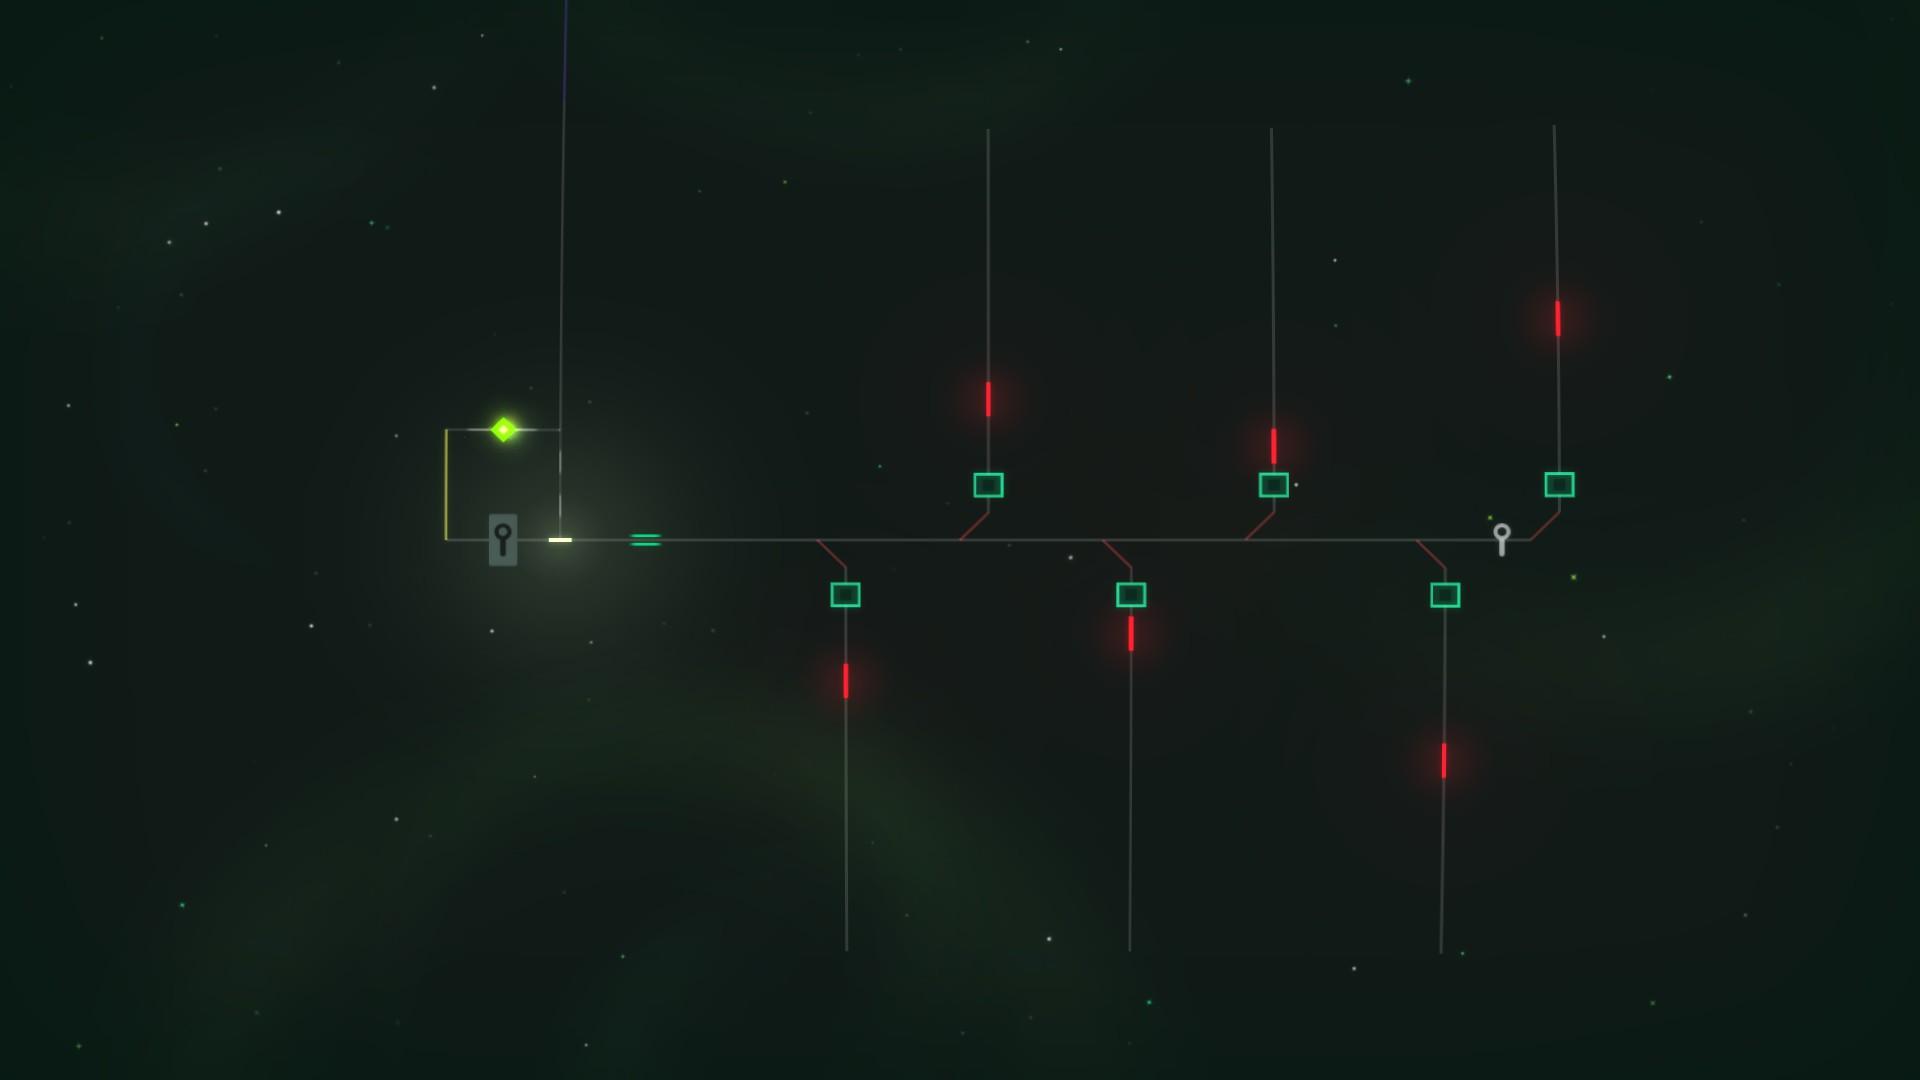 Linelight - perfektní logická hra s nezapomenutelnou atmosférou 12988